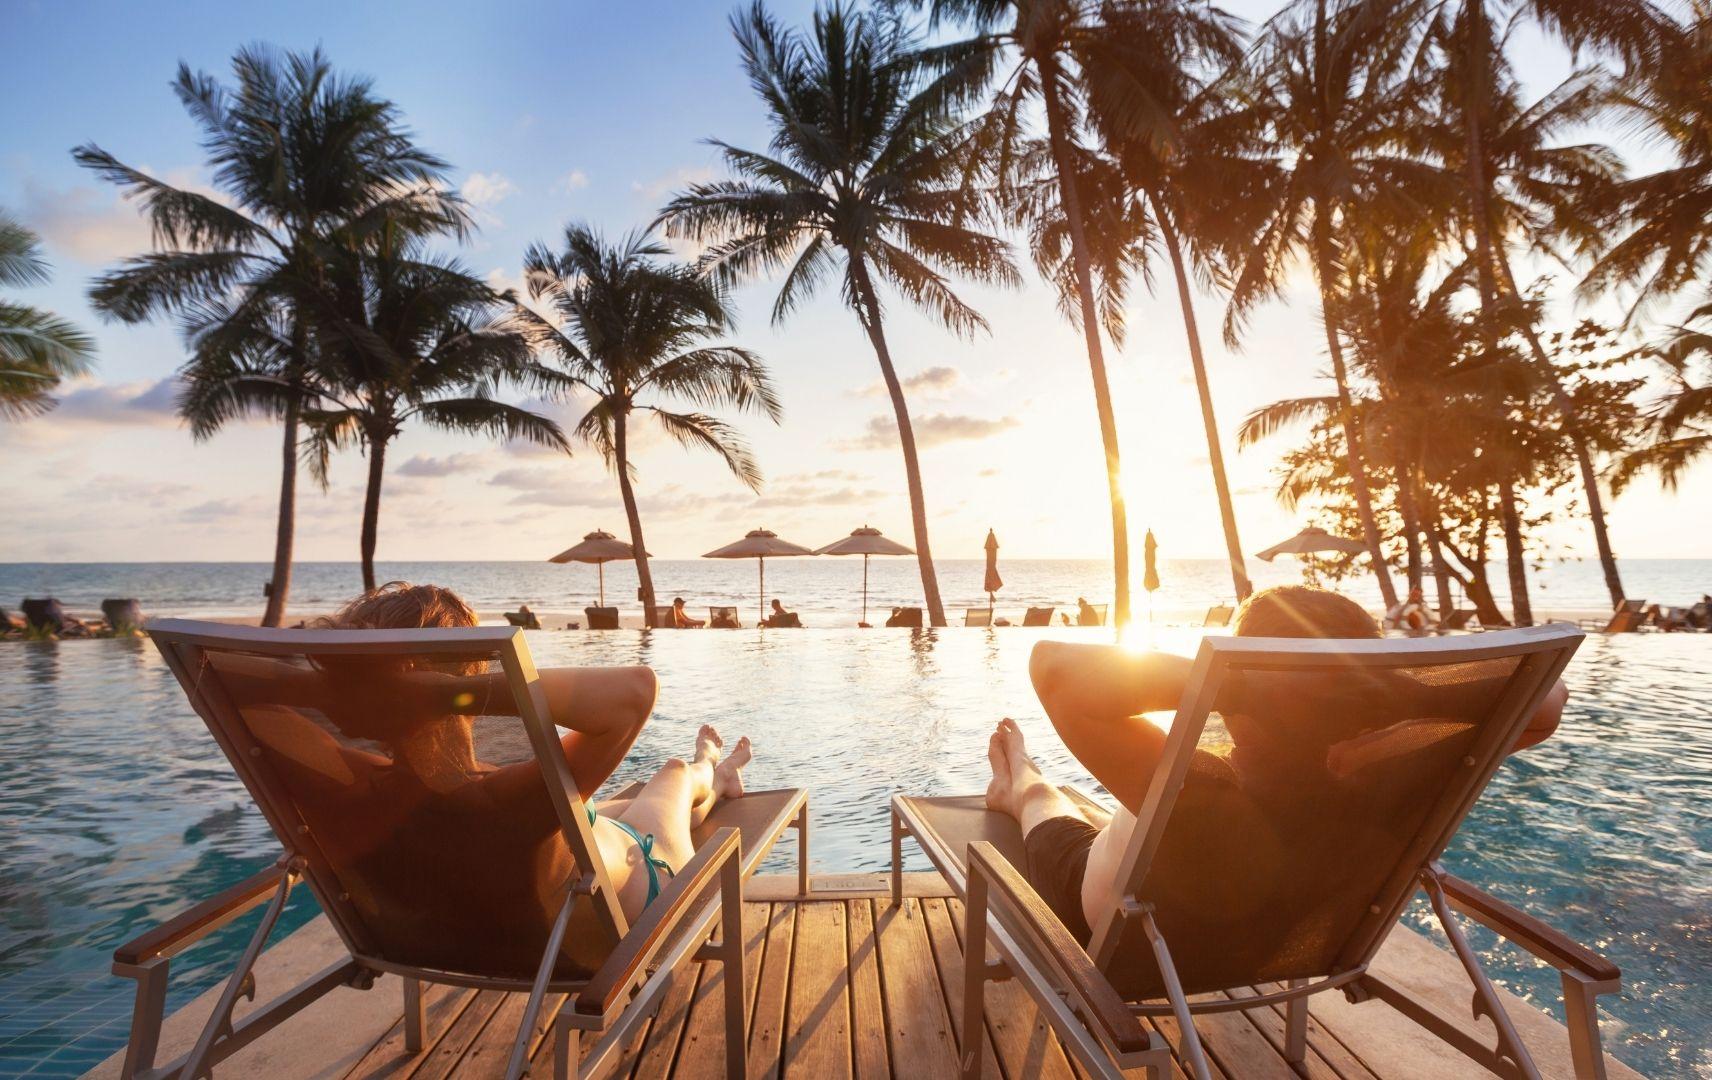 Fernreise Asien - Thailand am Meer